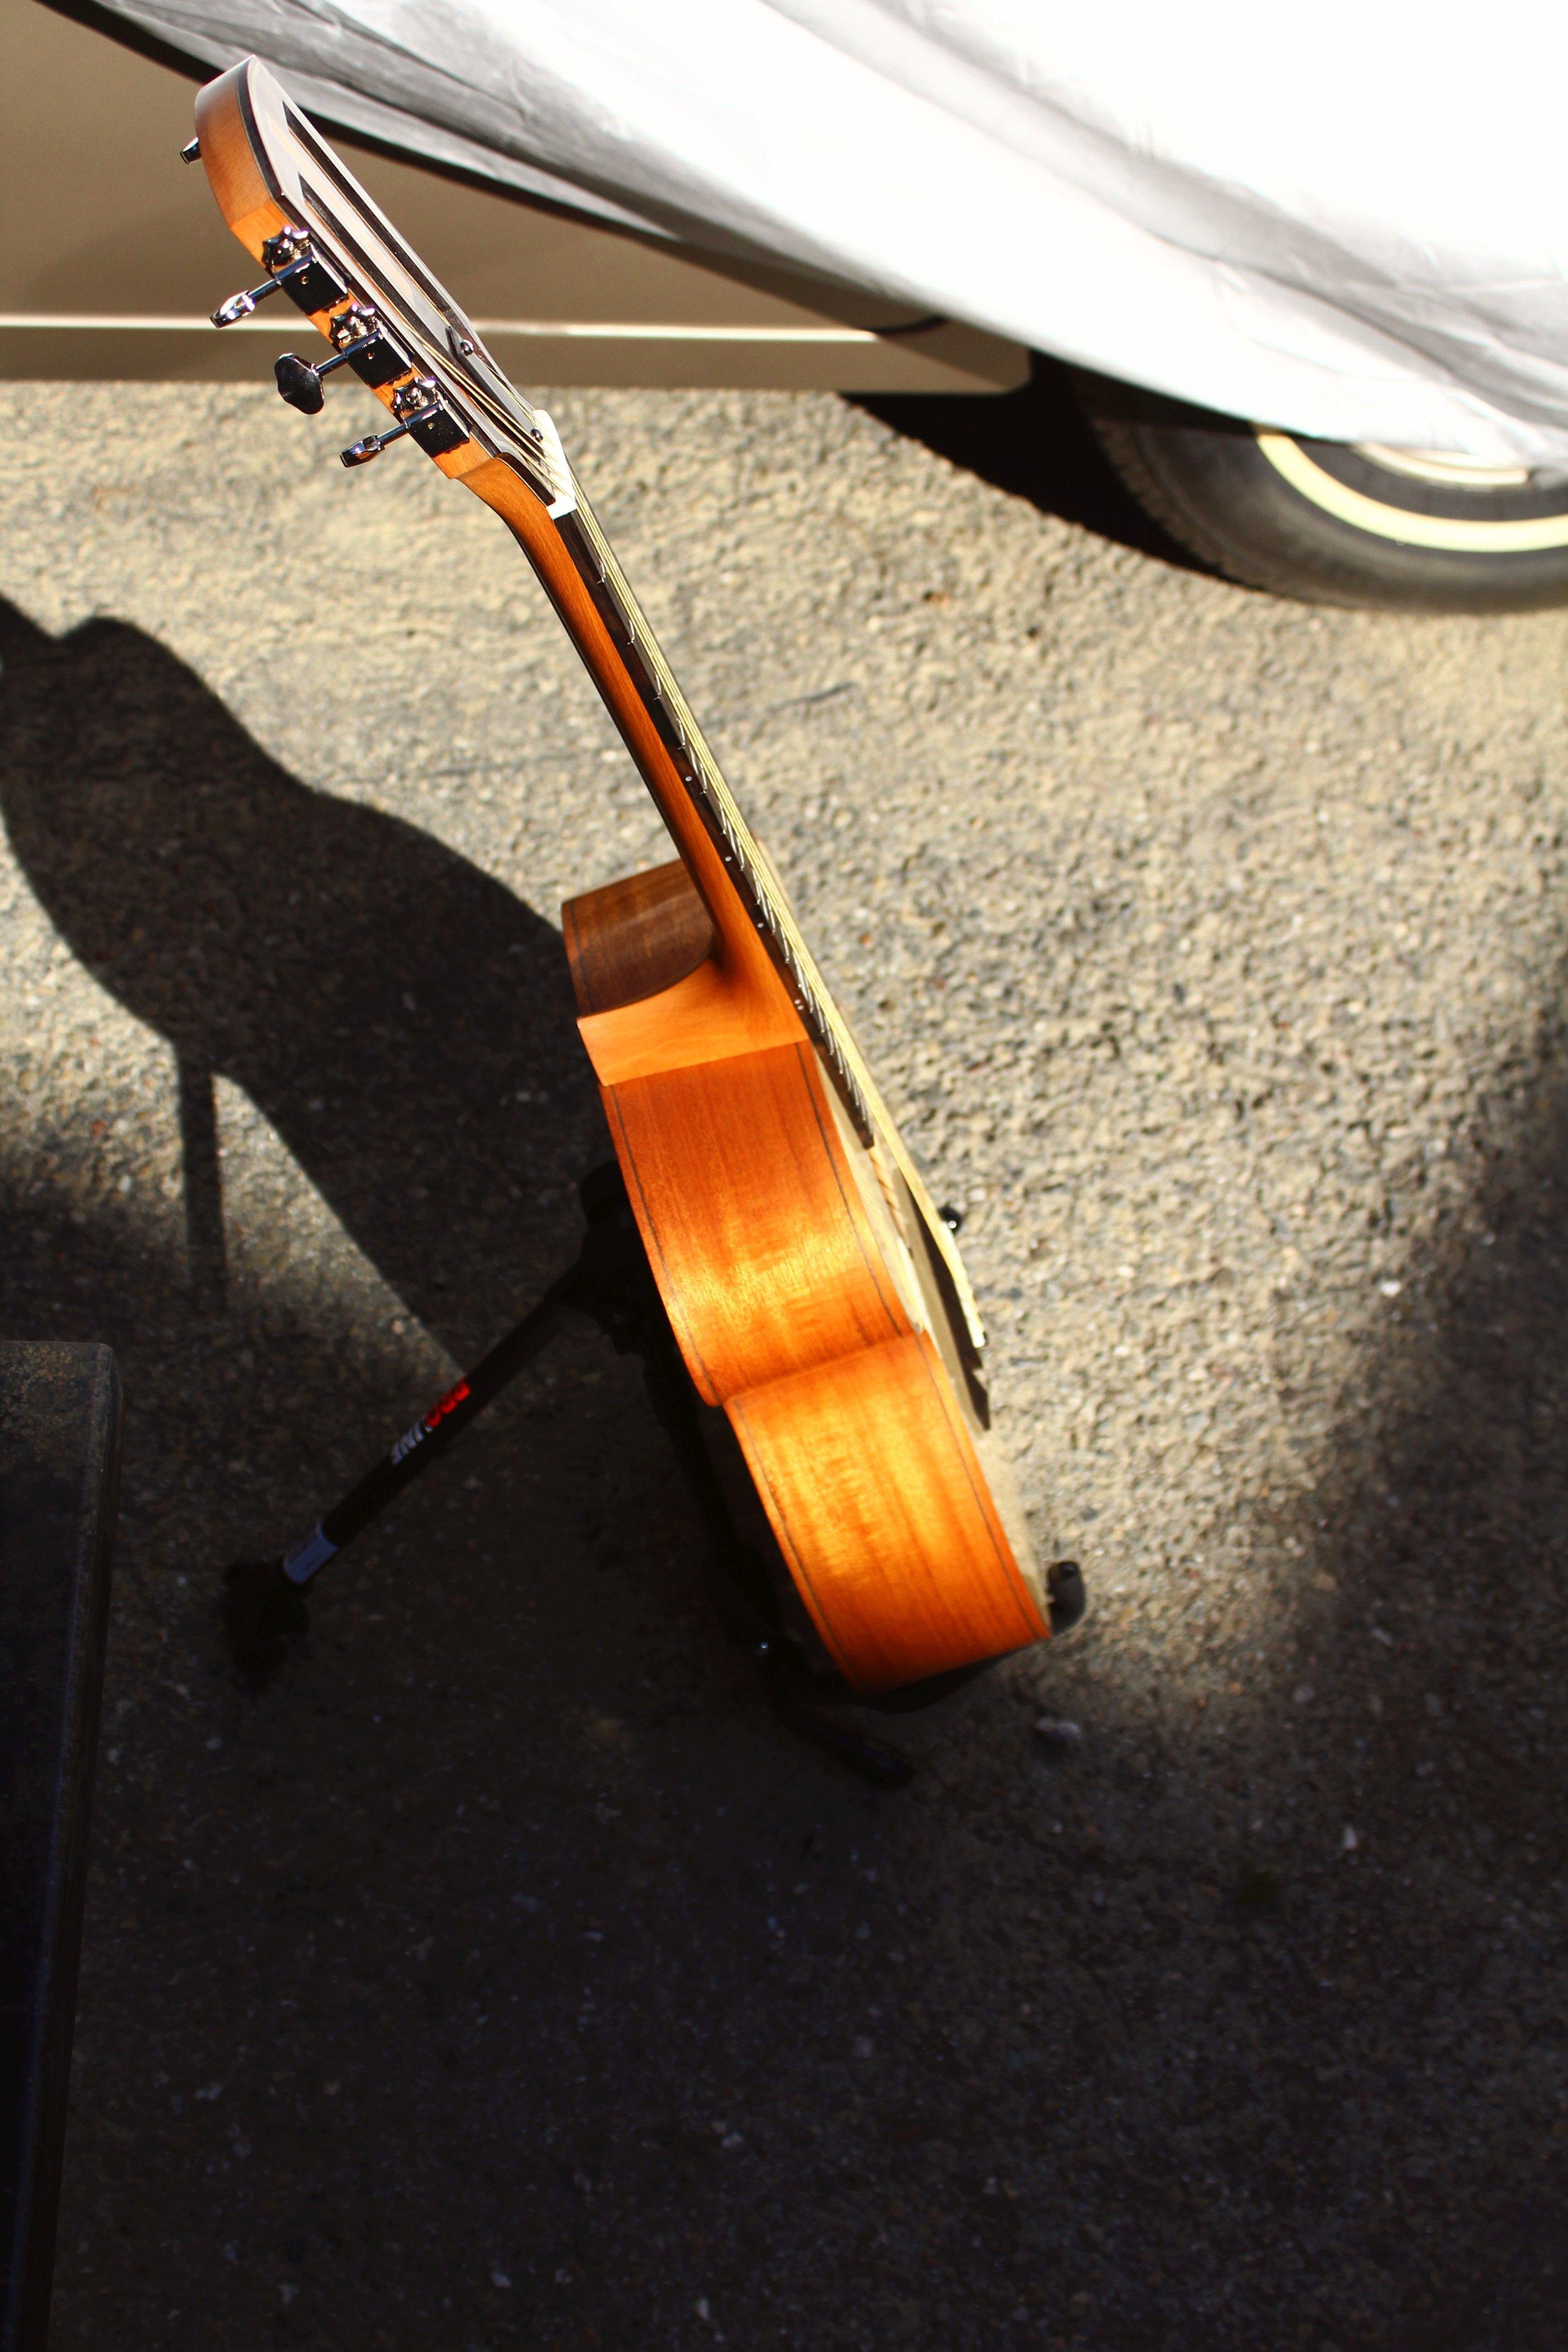 mahogany guitar in profile